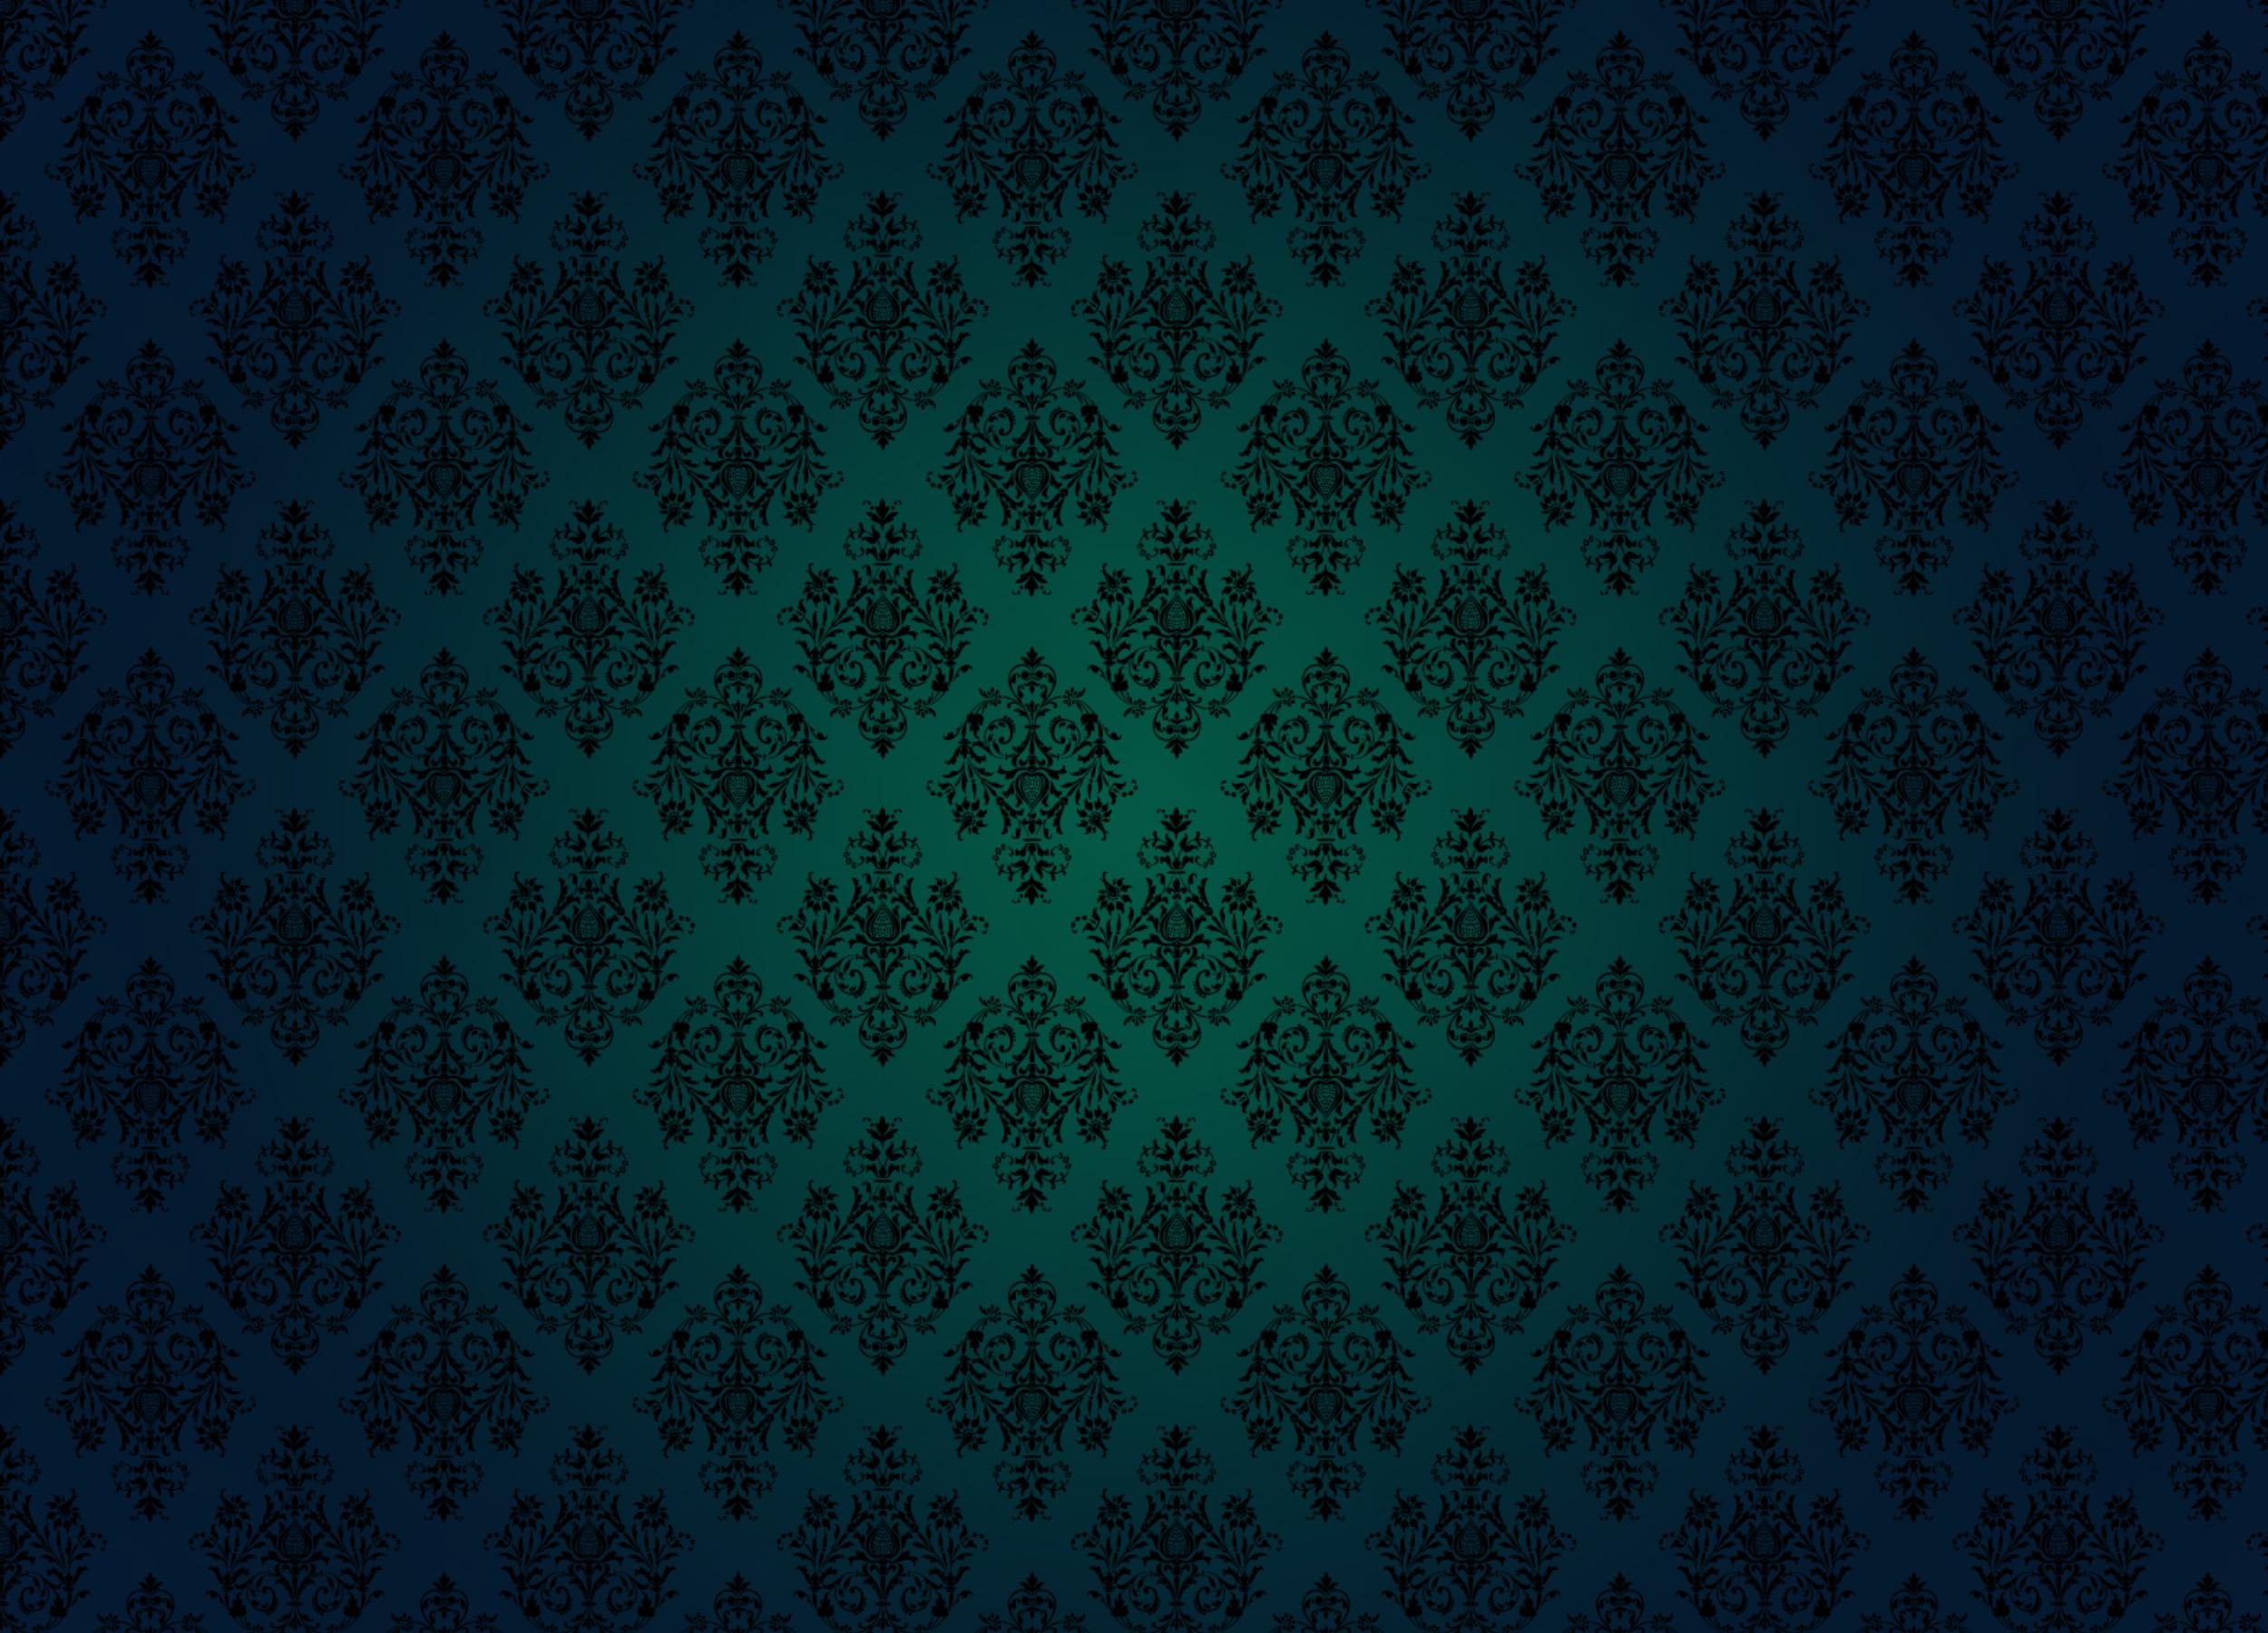 wwwwallpapereastcom Wallpaper Pattern page 2 2500x1800